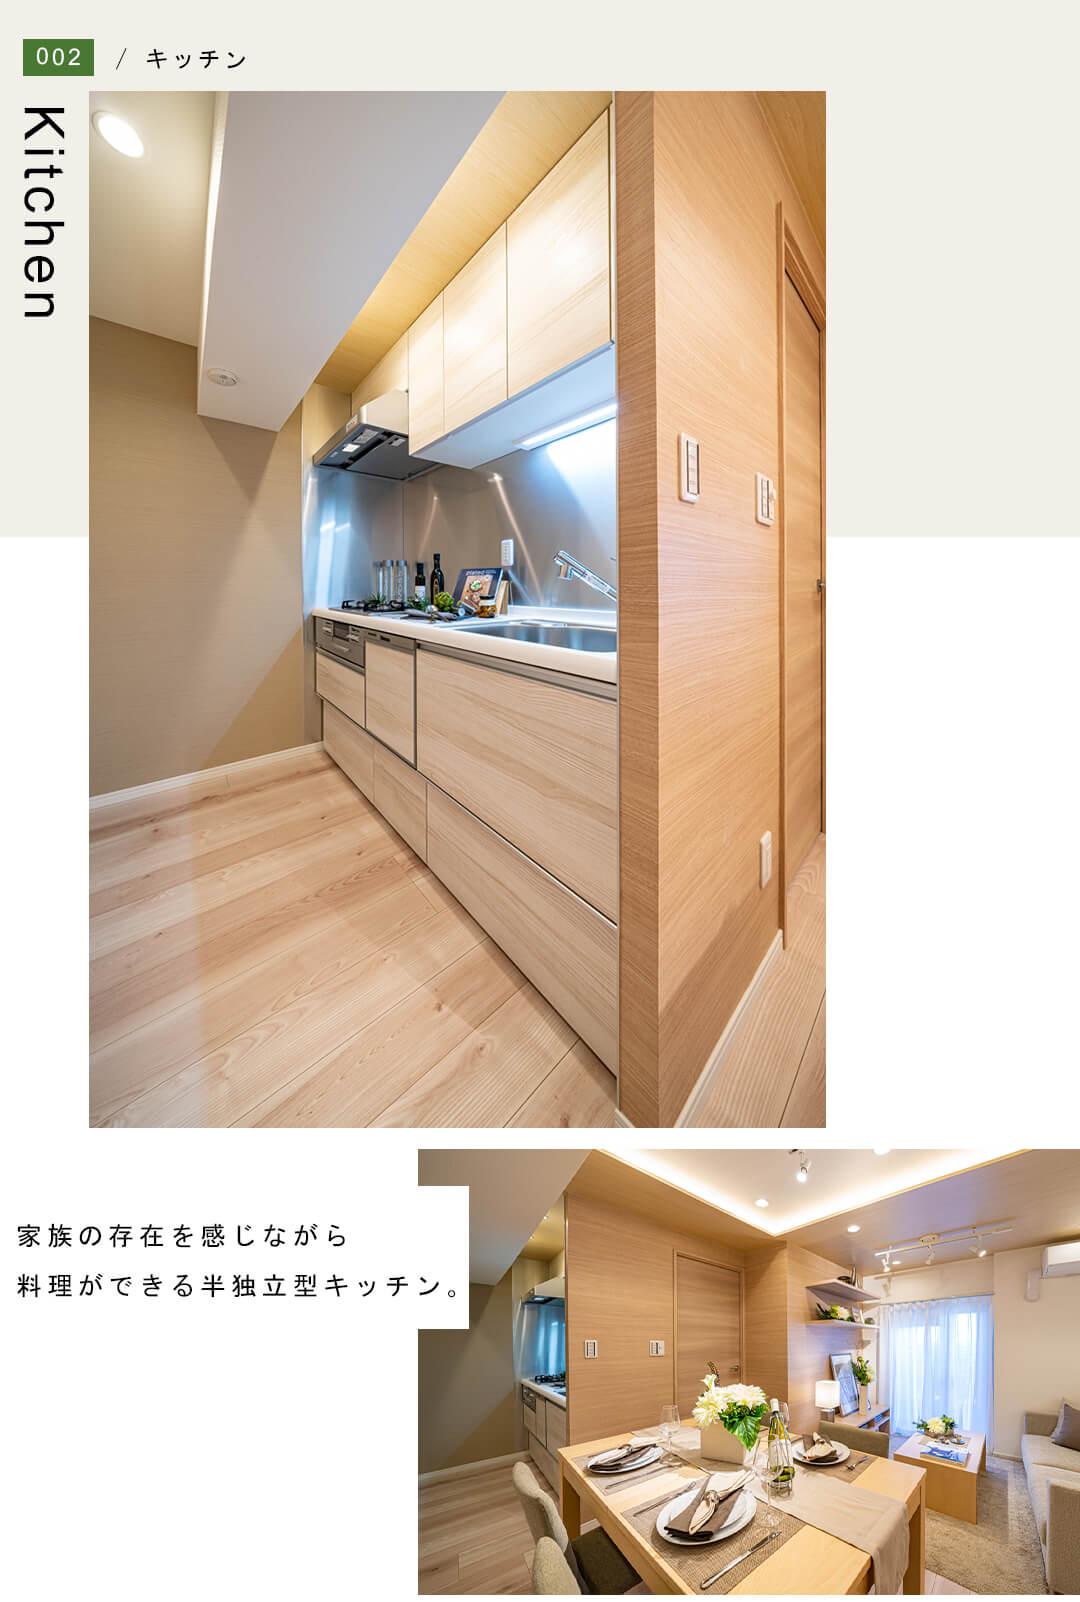 高井戸第二ハイホームのキッチン